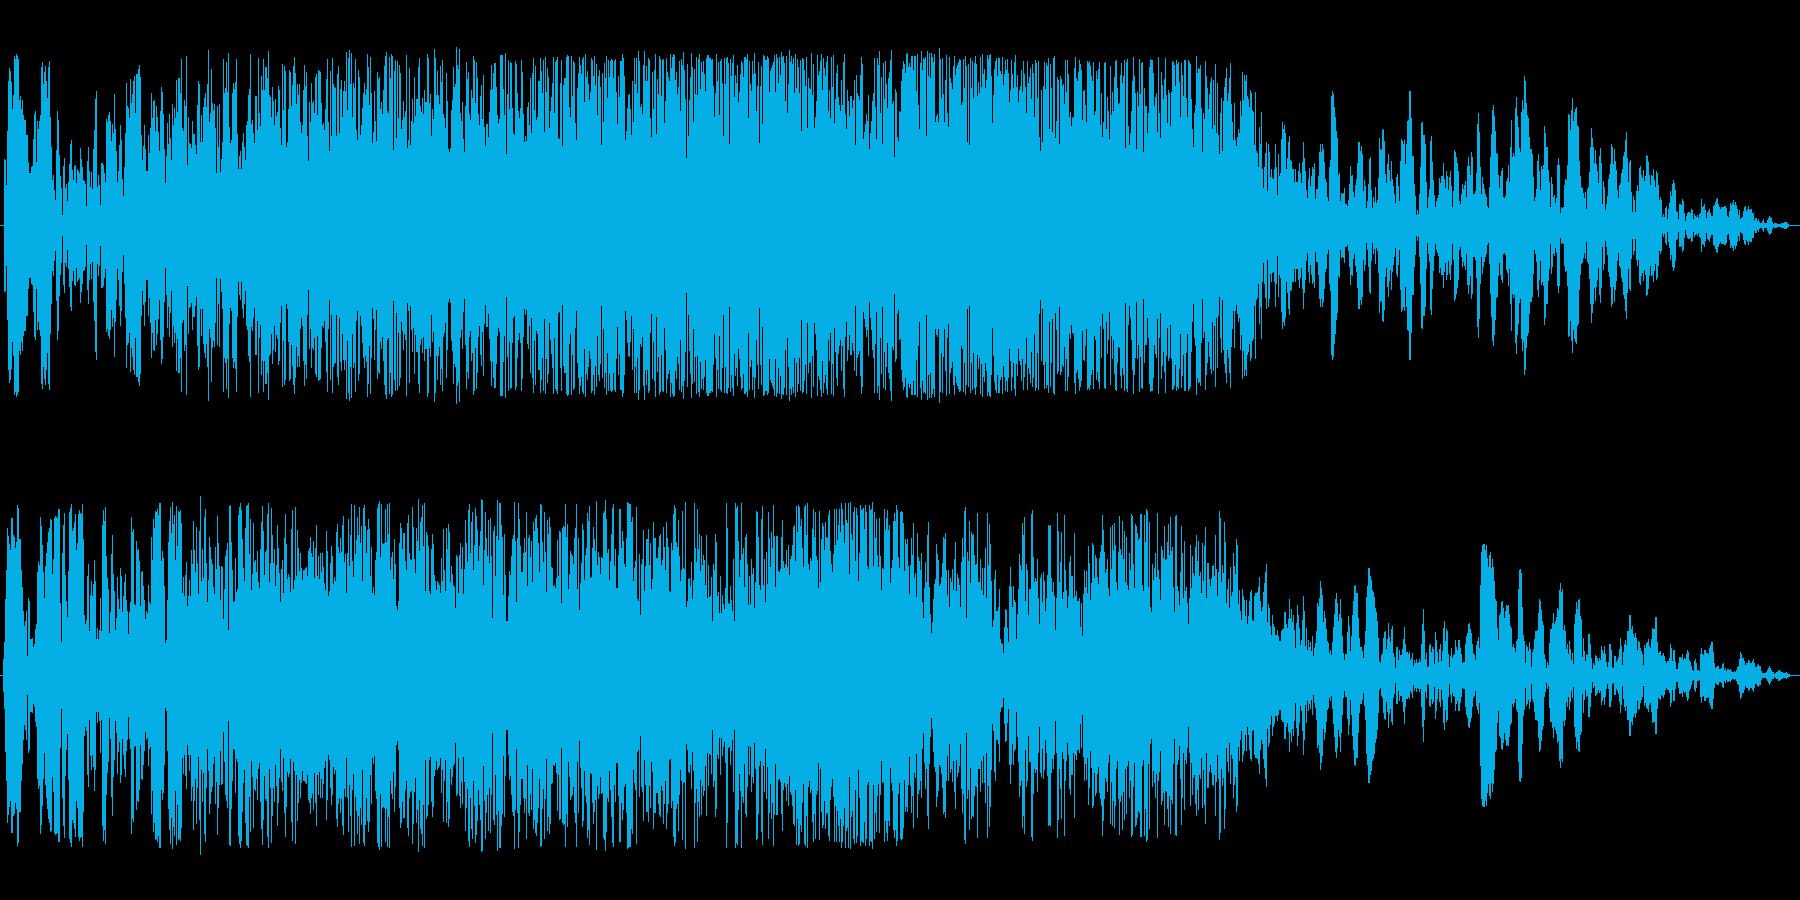 通過音(宇宙船、不思議な物体、神秘的)の再生済みの波形